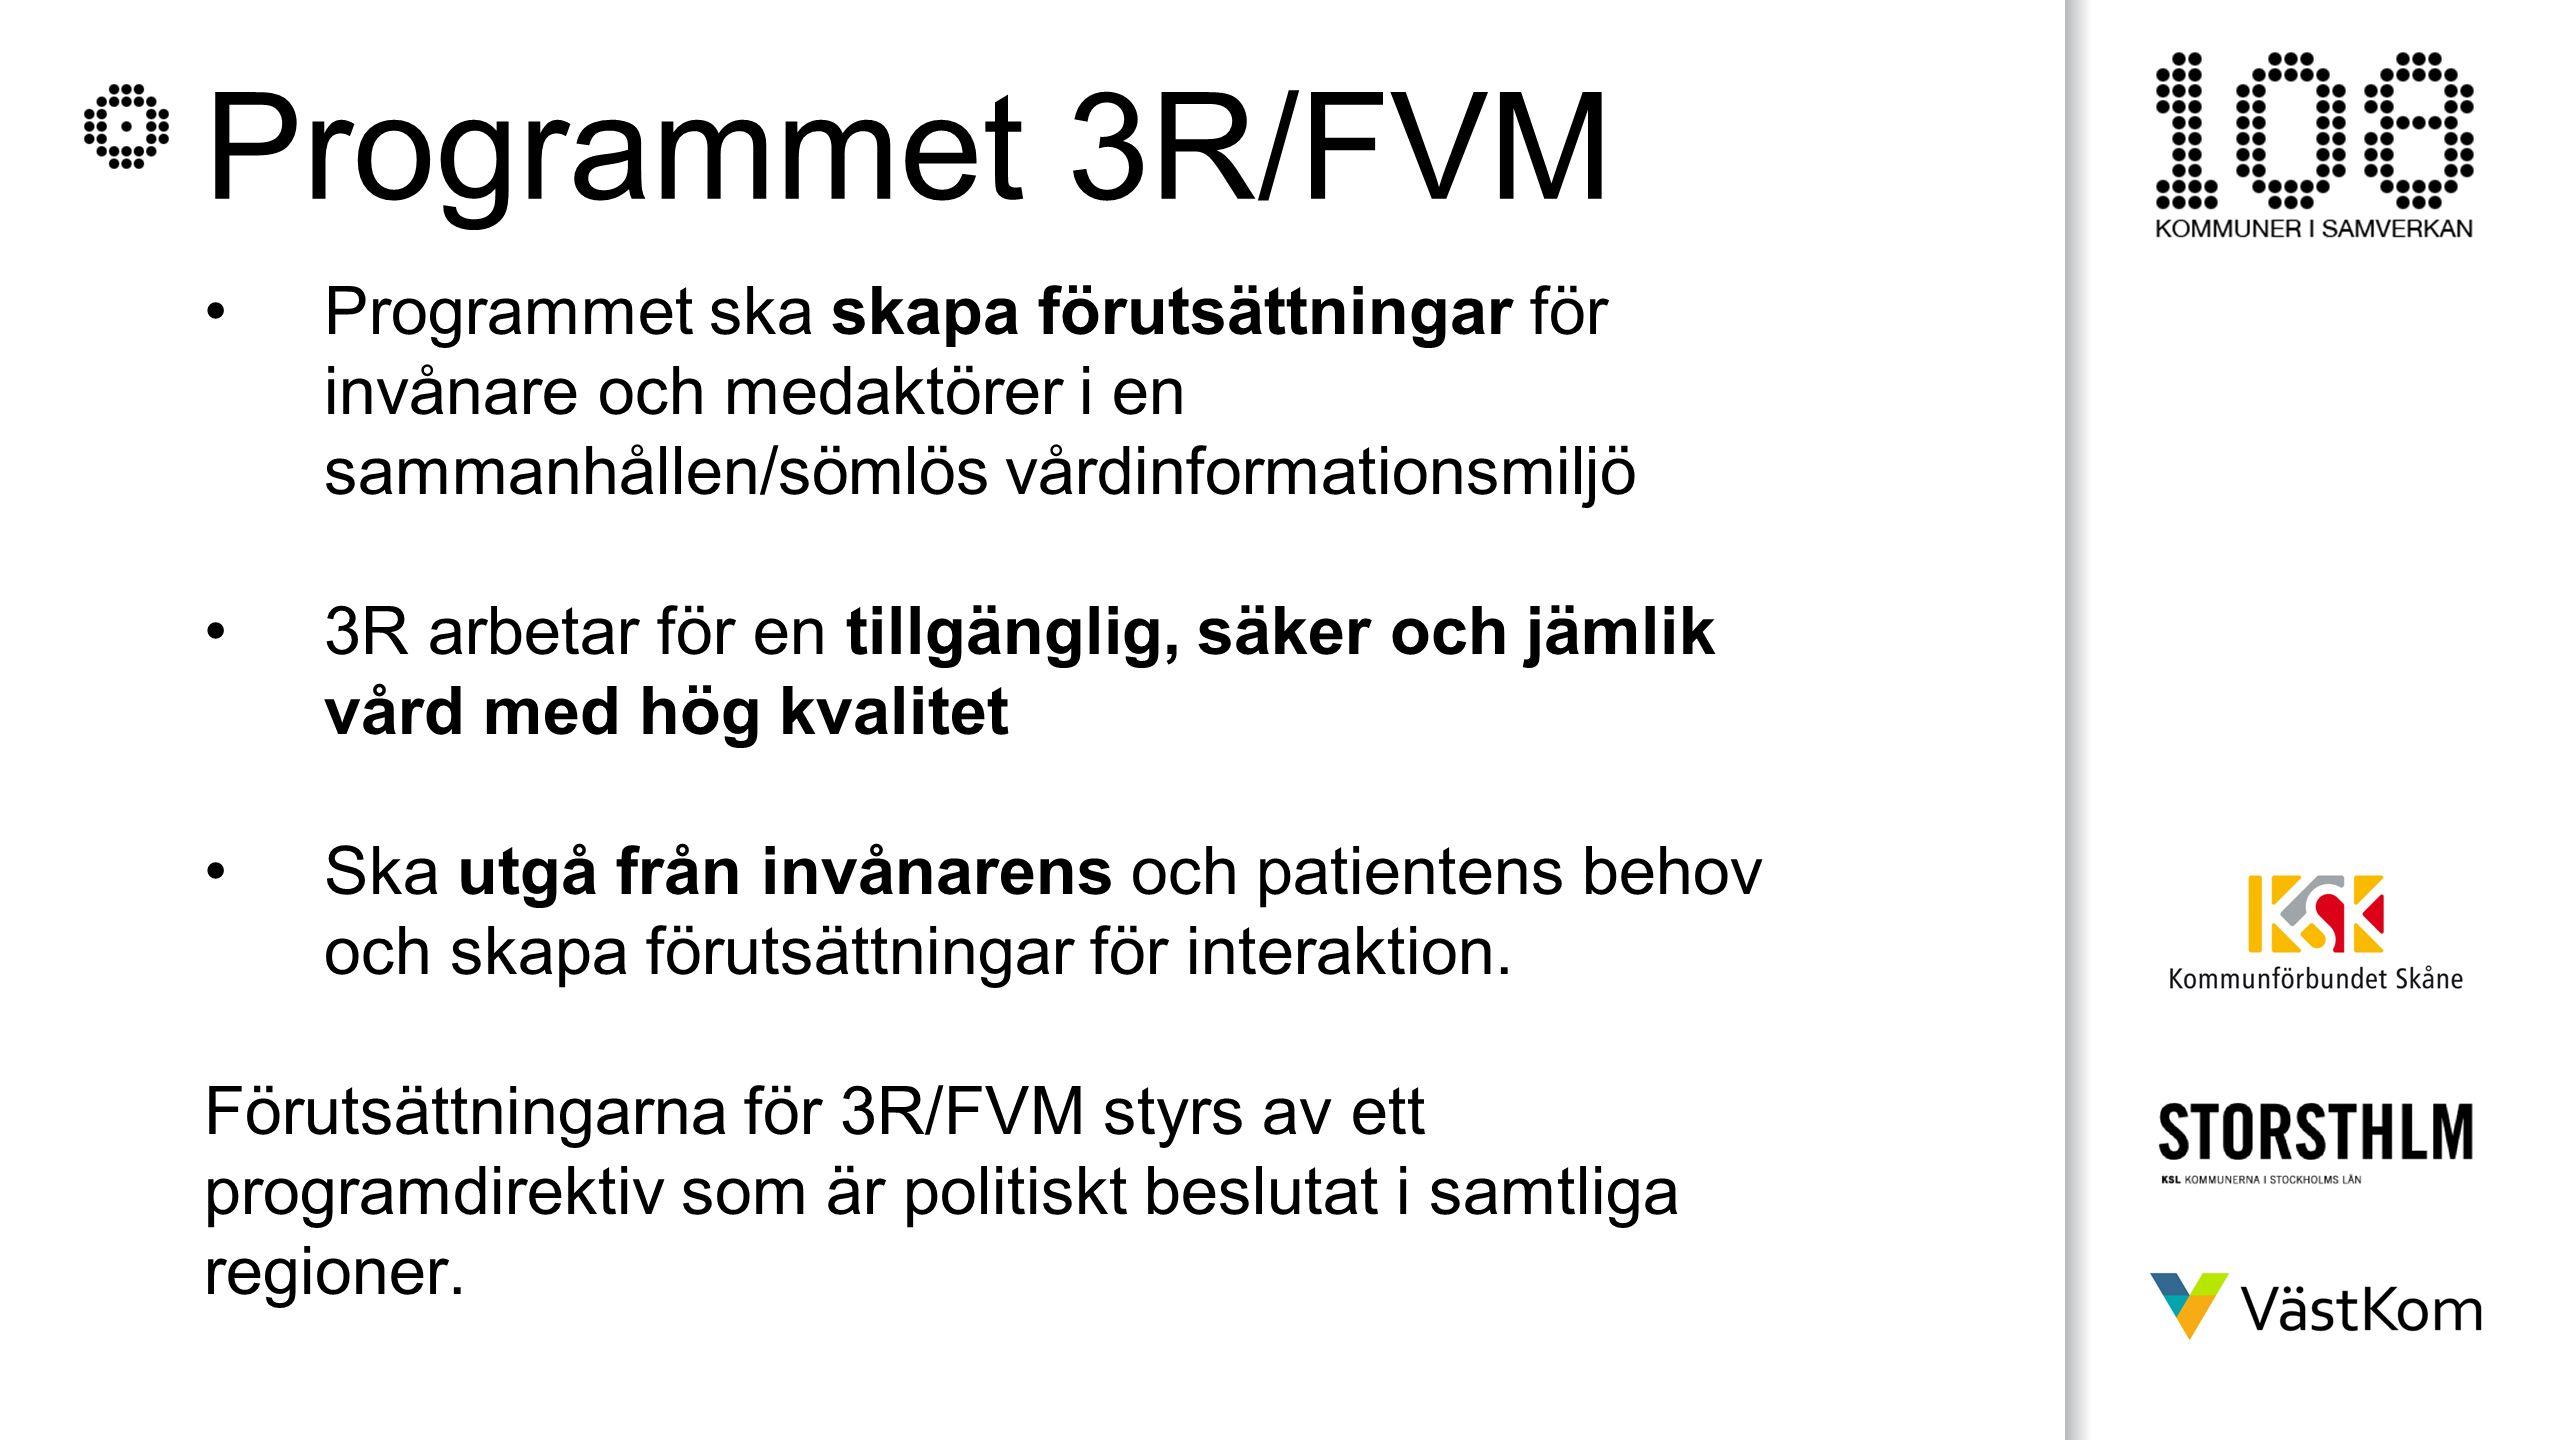 Programmet 3R/FVM Ska leda till: En gemensam förvaltningsorganisation Samverkan mellan IT-utveckling och verksamhetsutveckling Gemensamma termer och begrepp Standardisering av såväl arbetssätt som lösning Stärkande av forskning, utbildning och innovation Aktiviteter som säkrar en digital professionell kompetens